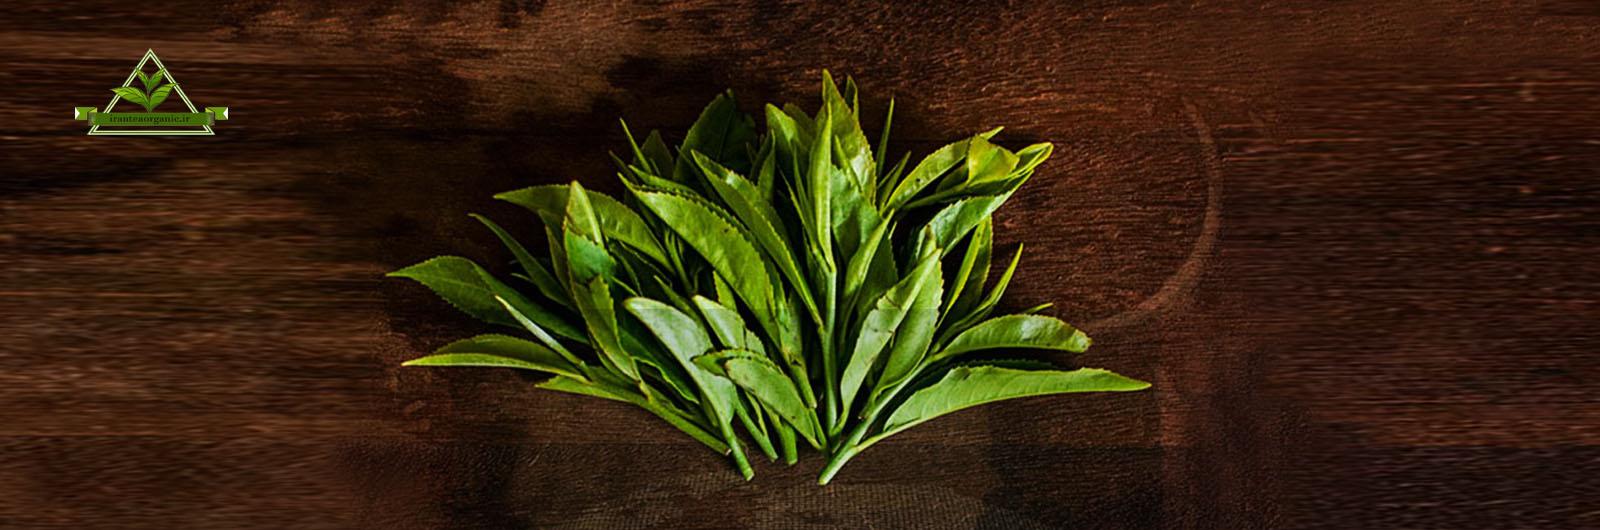 خرید اینترنتی چای سبز باروتی